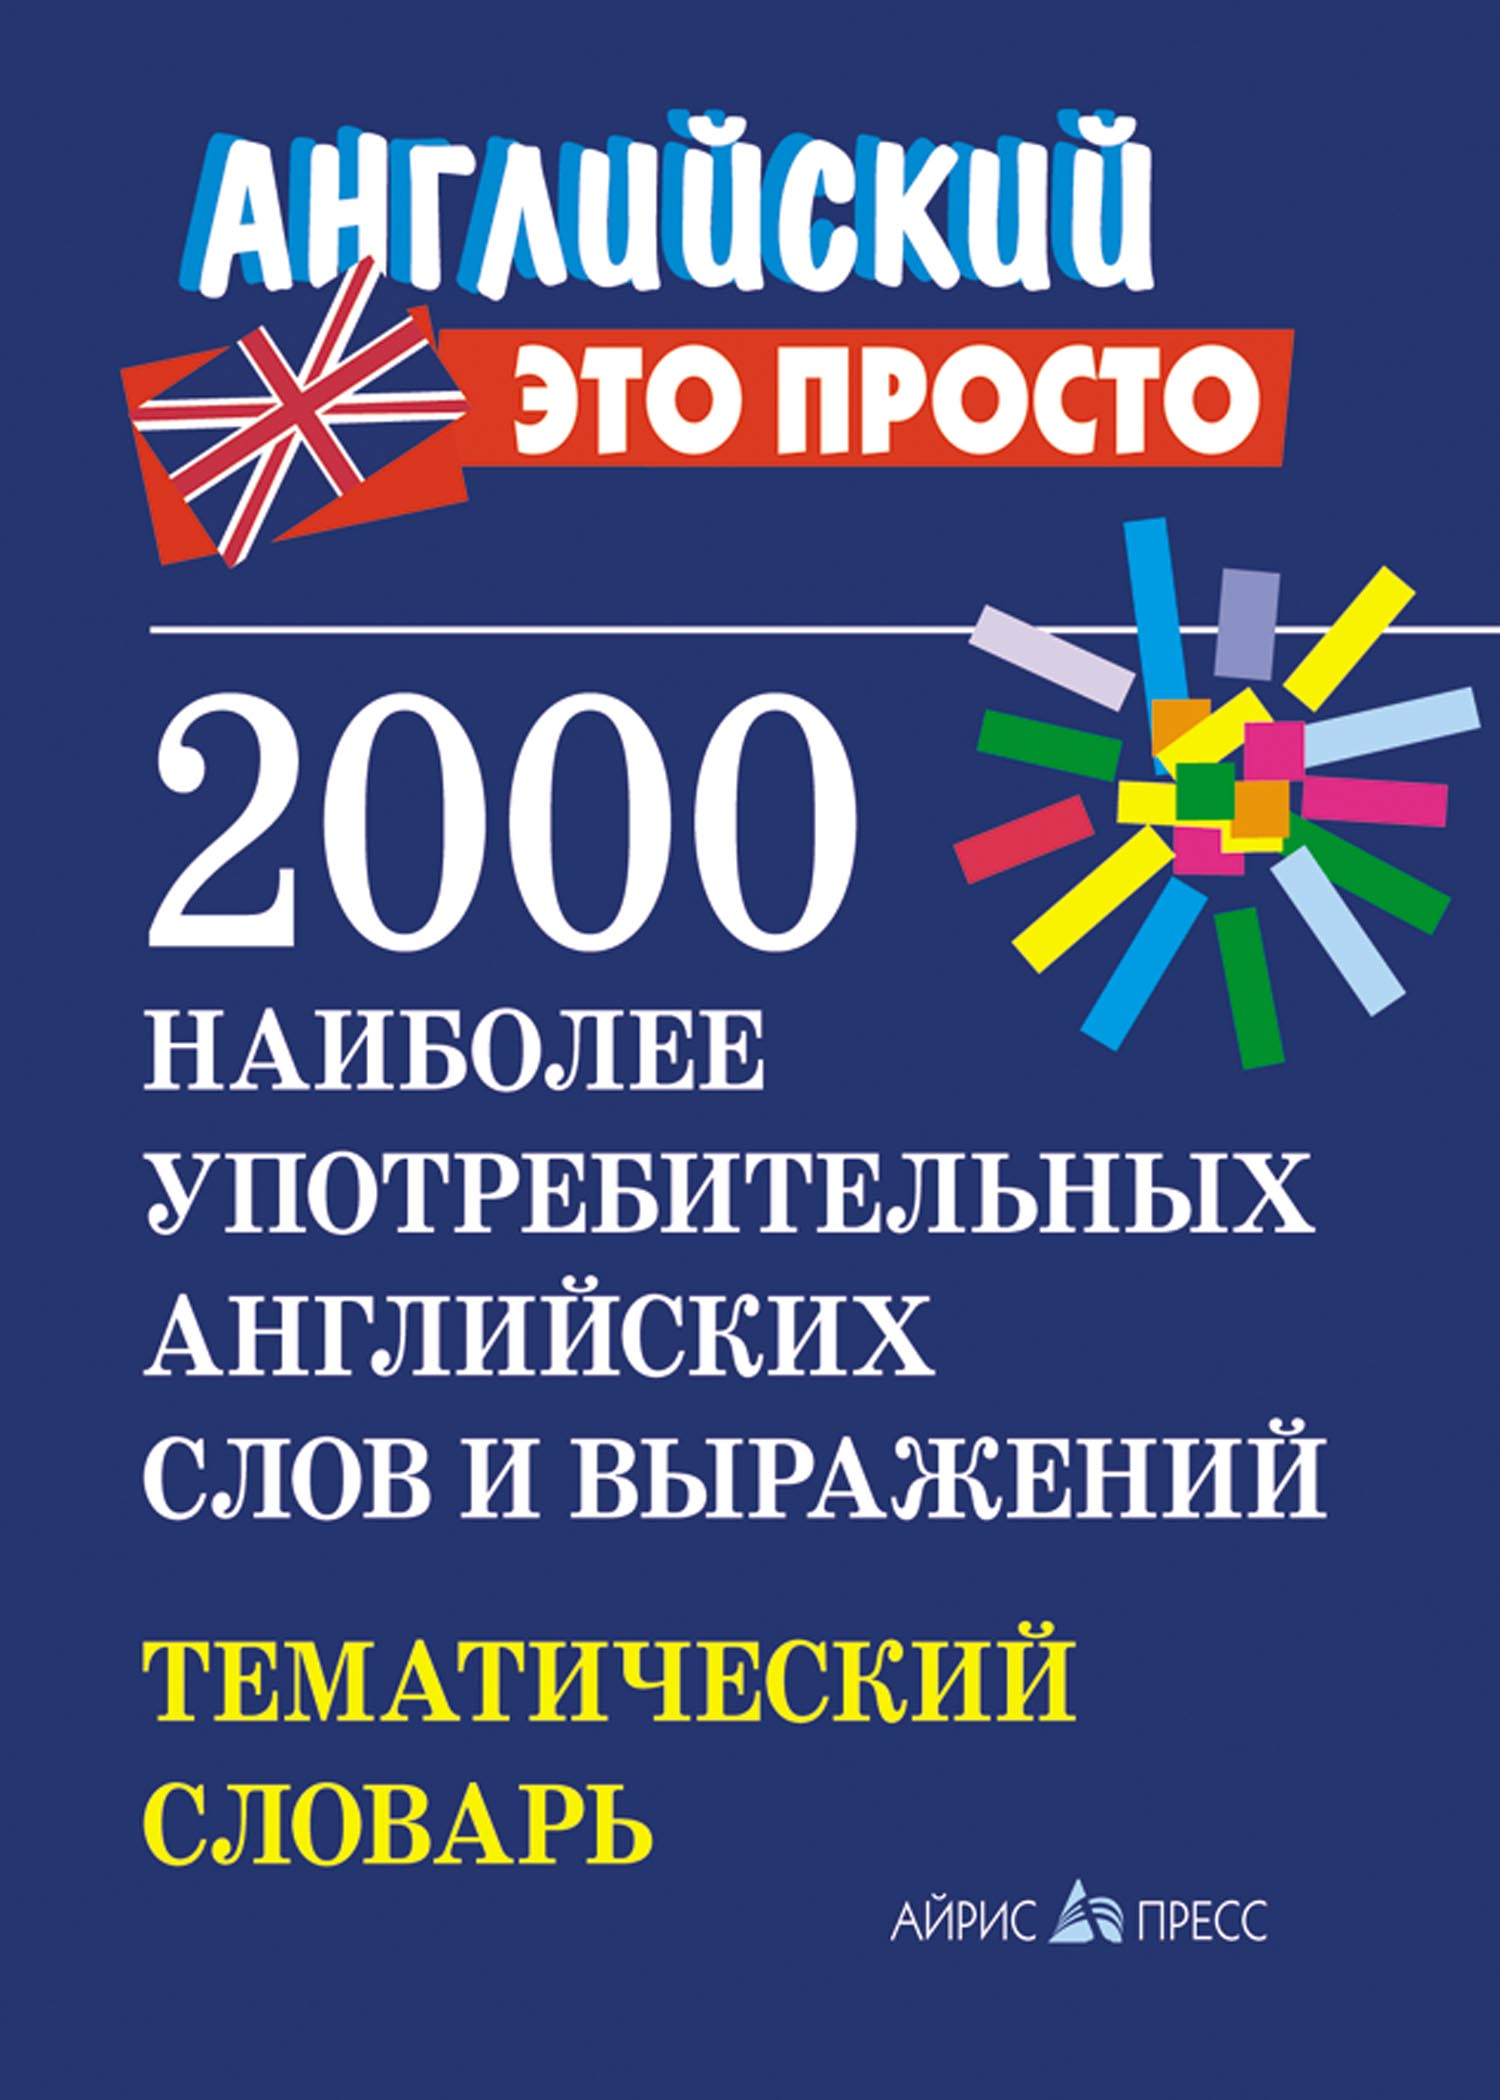 2000 наиболее употребительных английских слов и выражений. Тематич.словарь